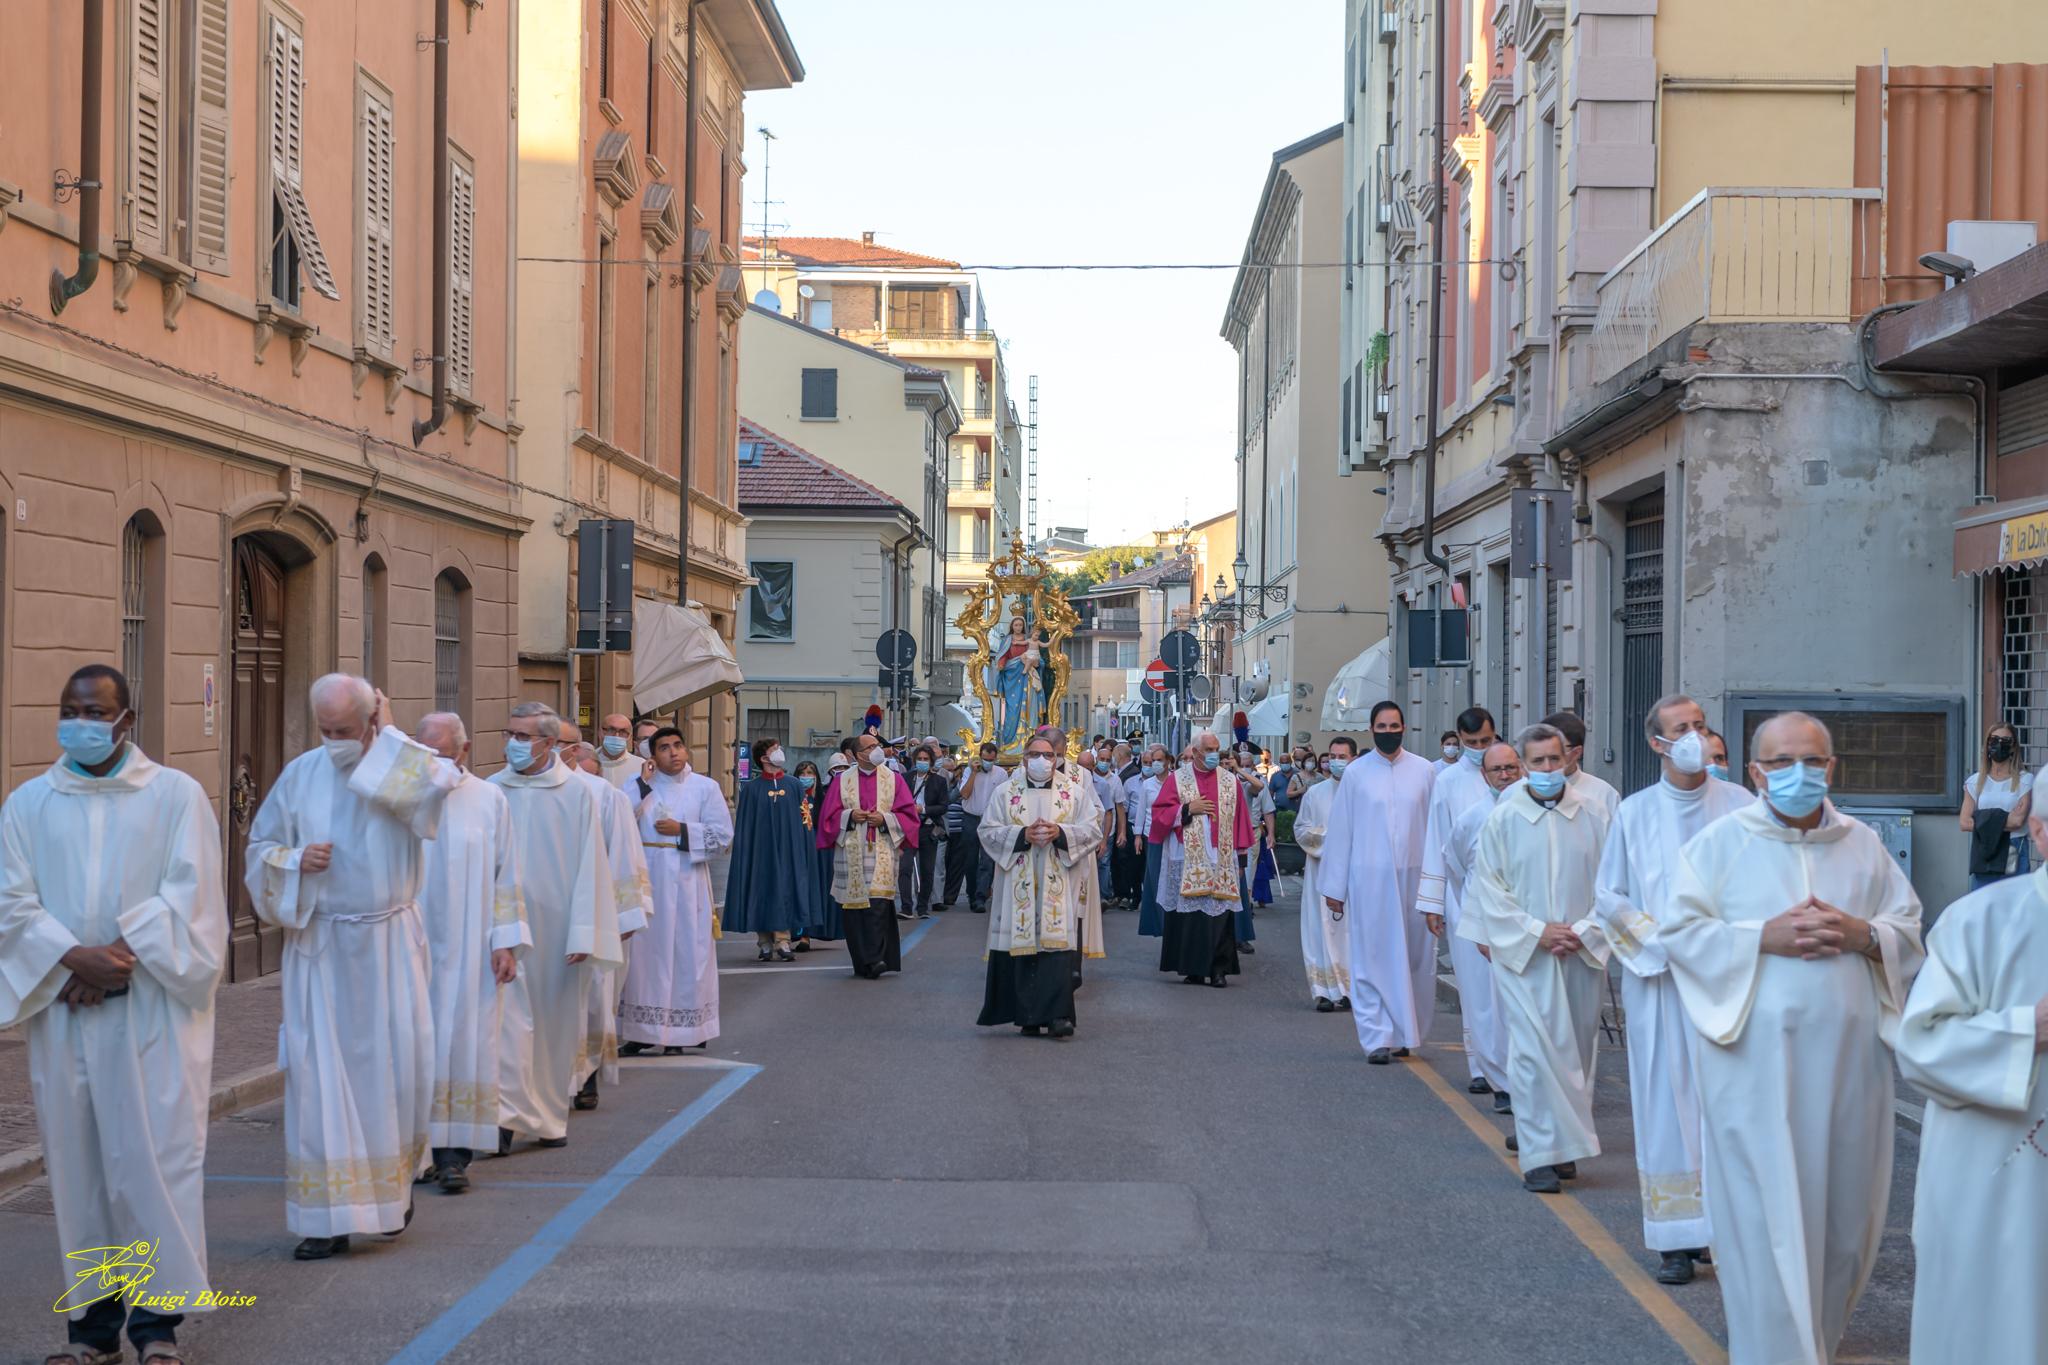 29-agosto-2021-Viola-17-e-processione-MdG-–-FOTO_mdg_-228